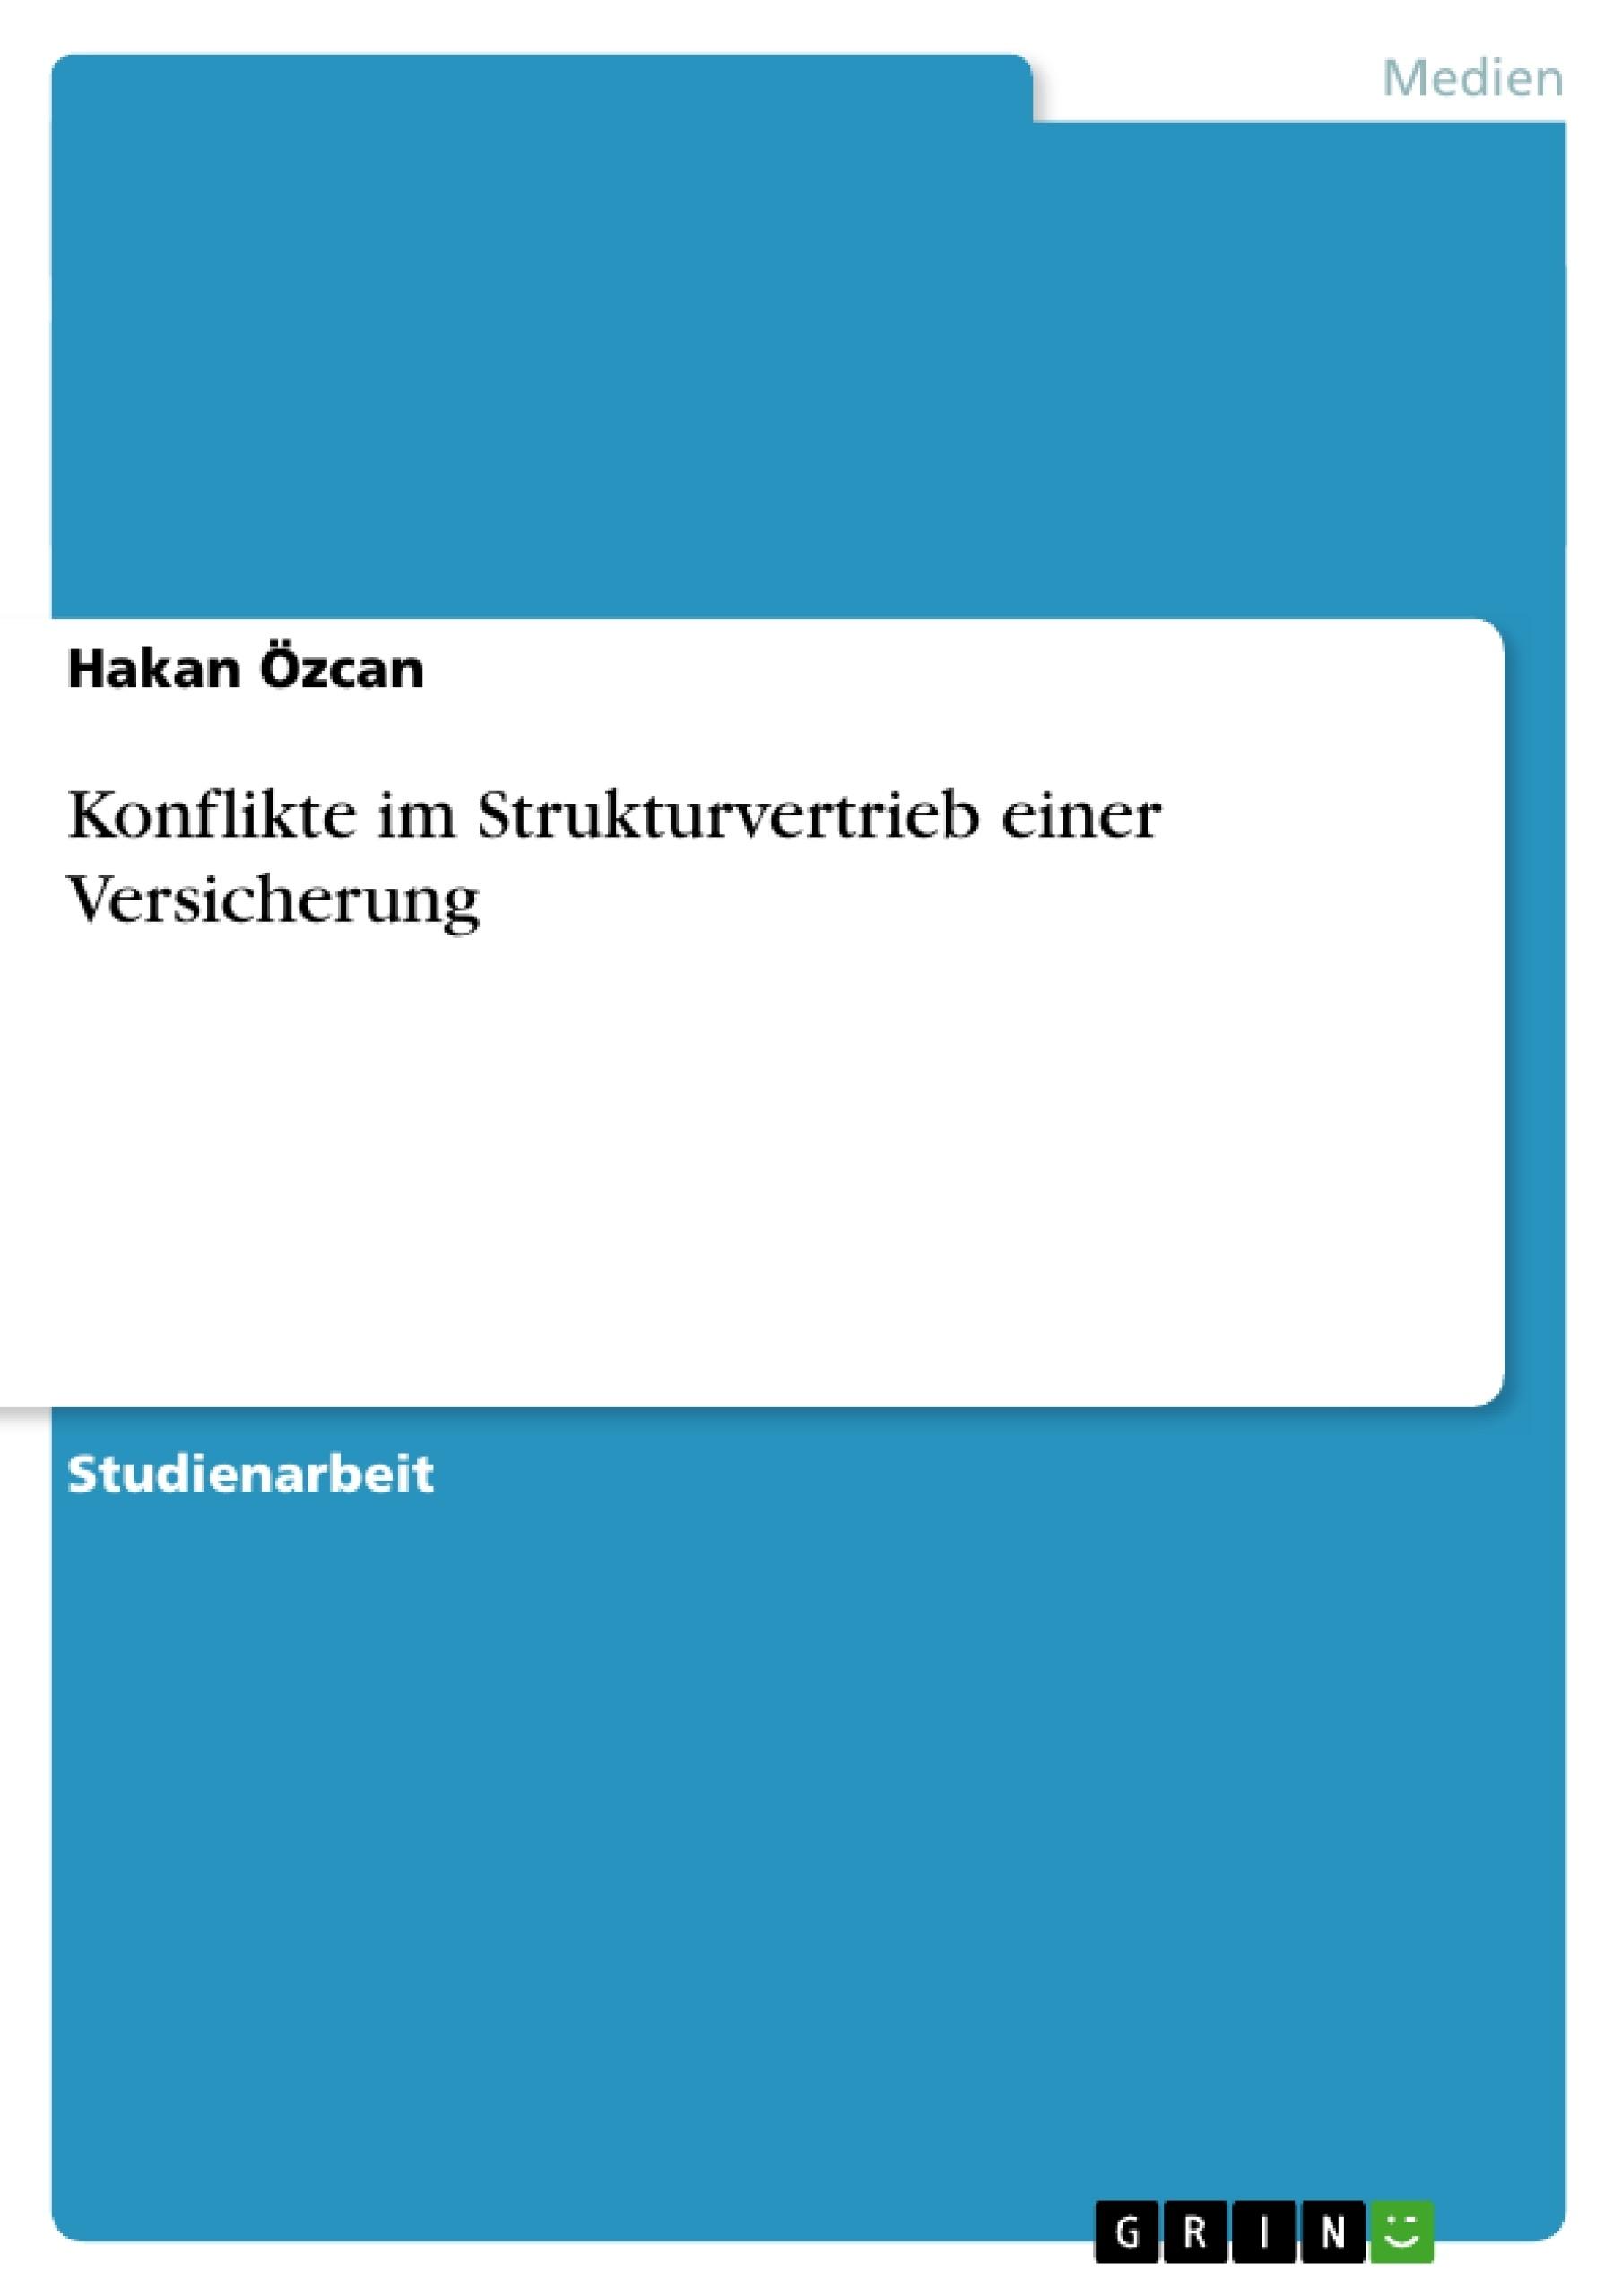 Titel: Konflikte im Strukturvertrieb einer Versicherung